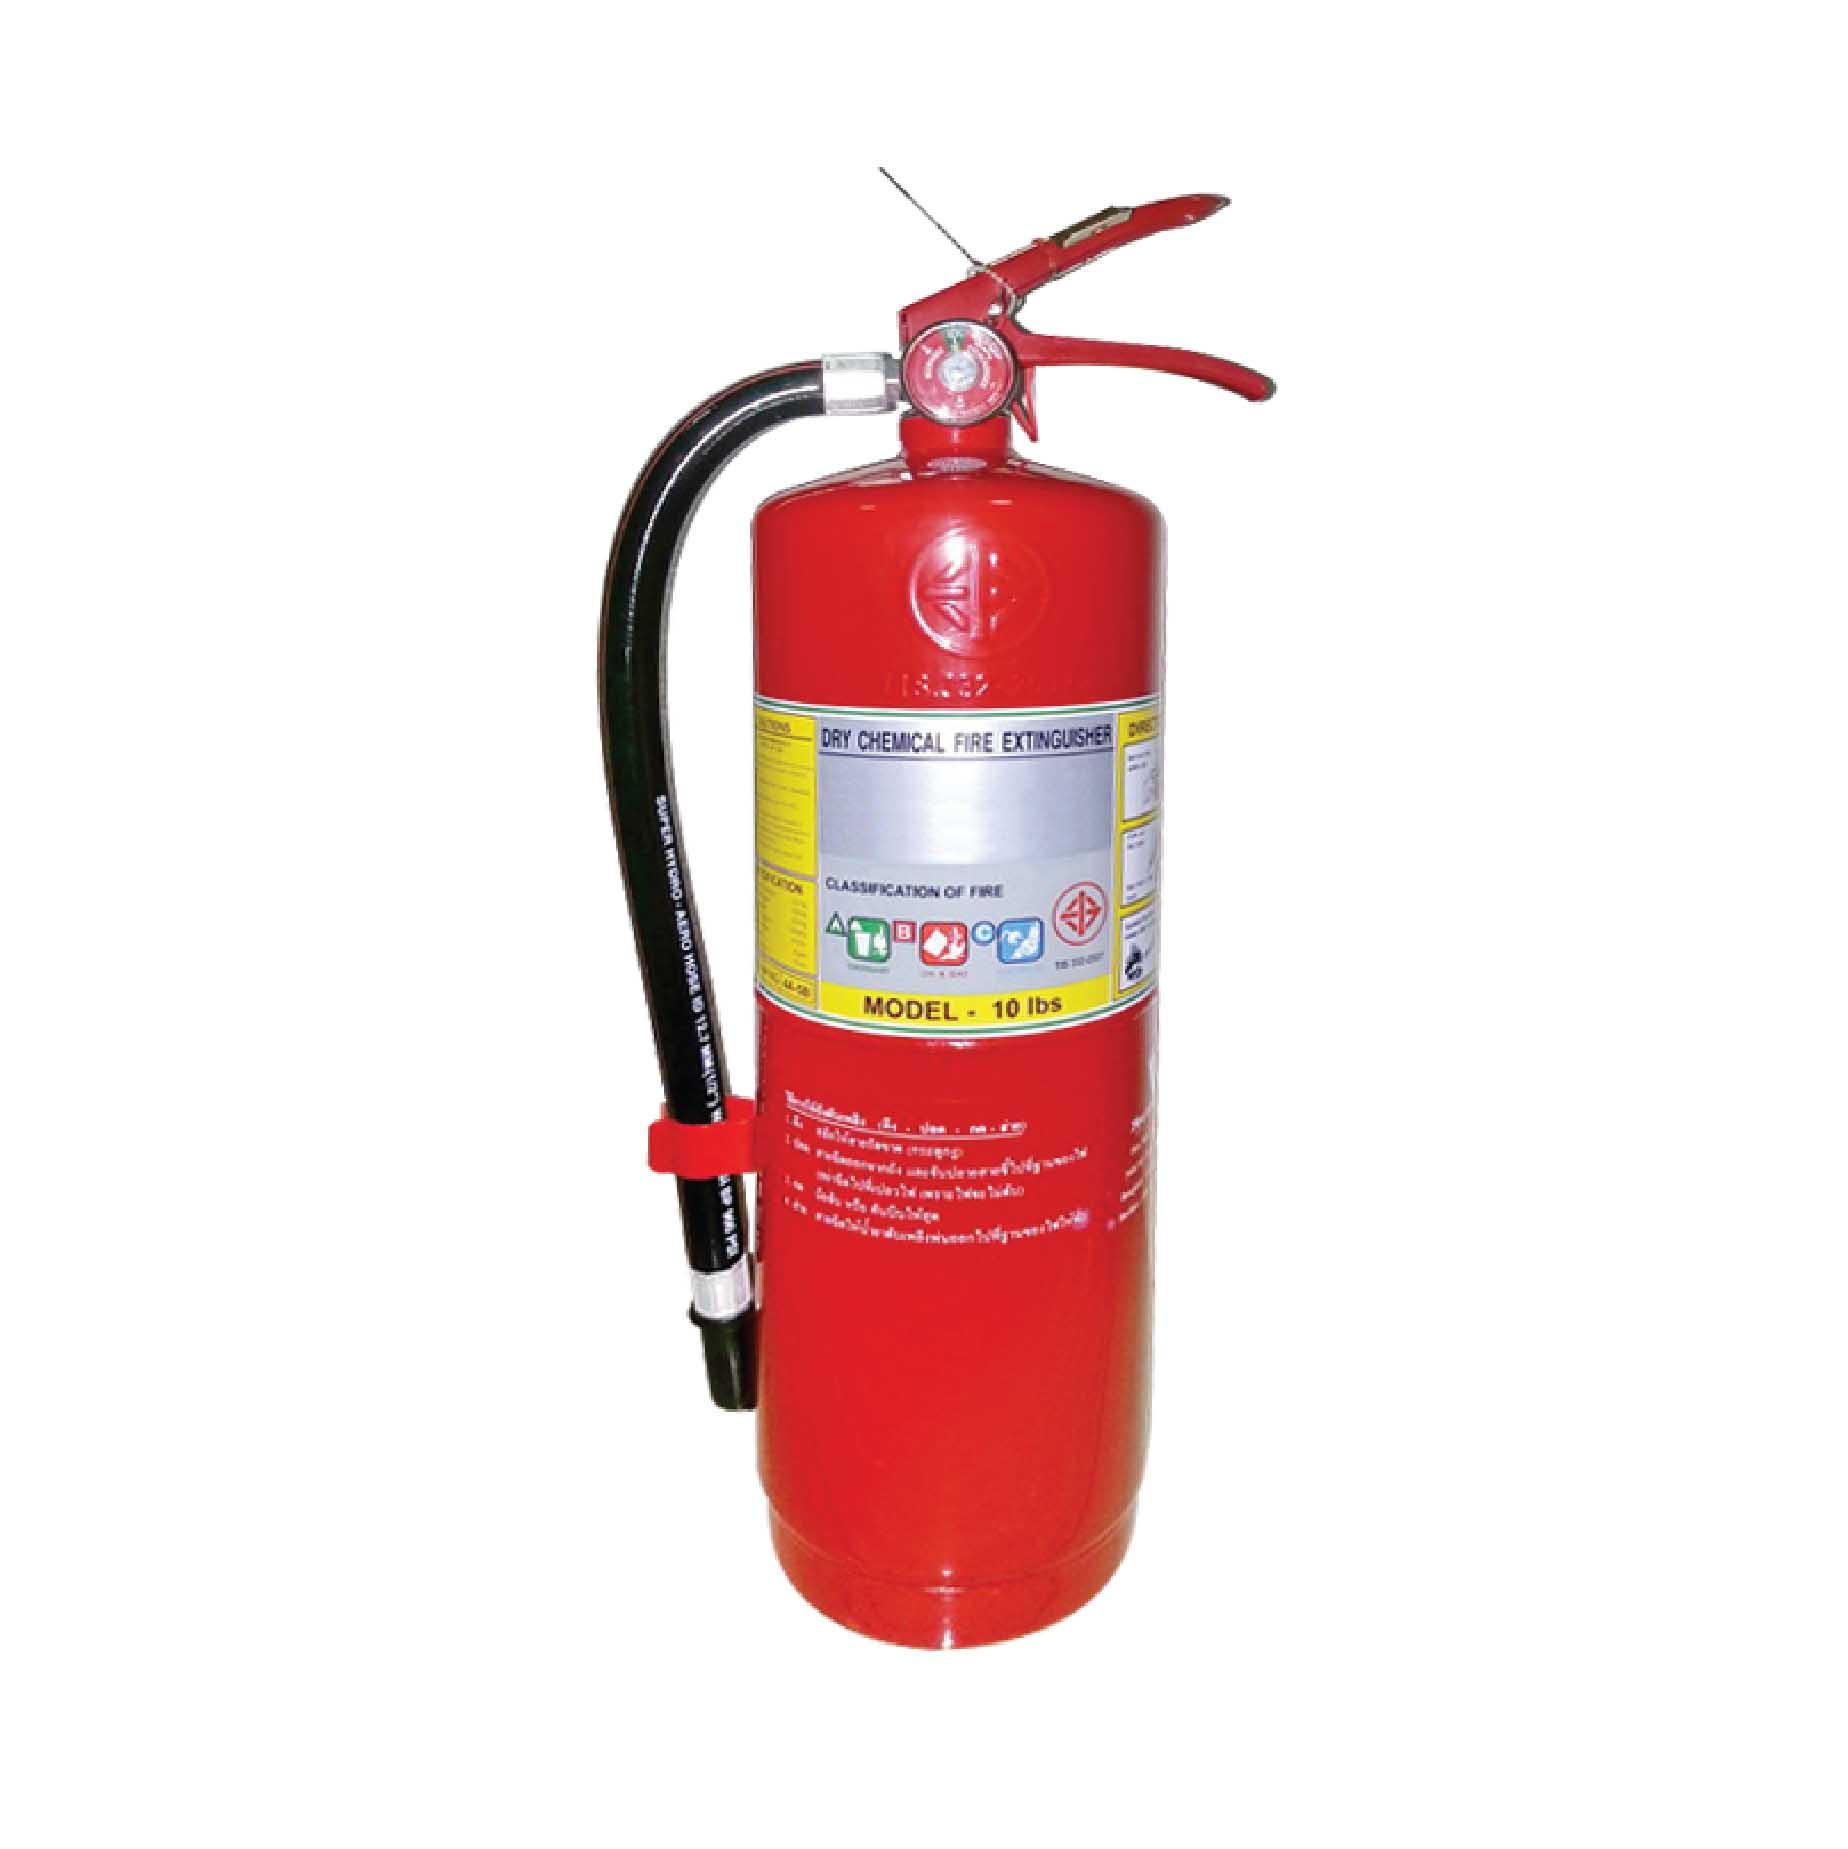 ถังดับเพลิง 10 ปอนด์ เคมีแห้ง ราคาถูก โฮมโปร ไทวัสดุ